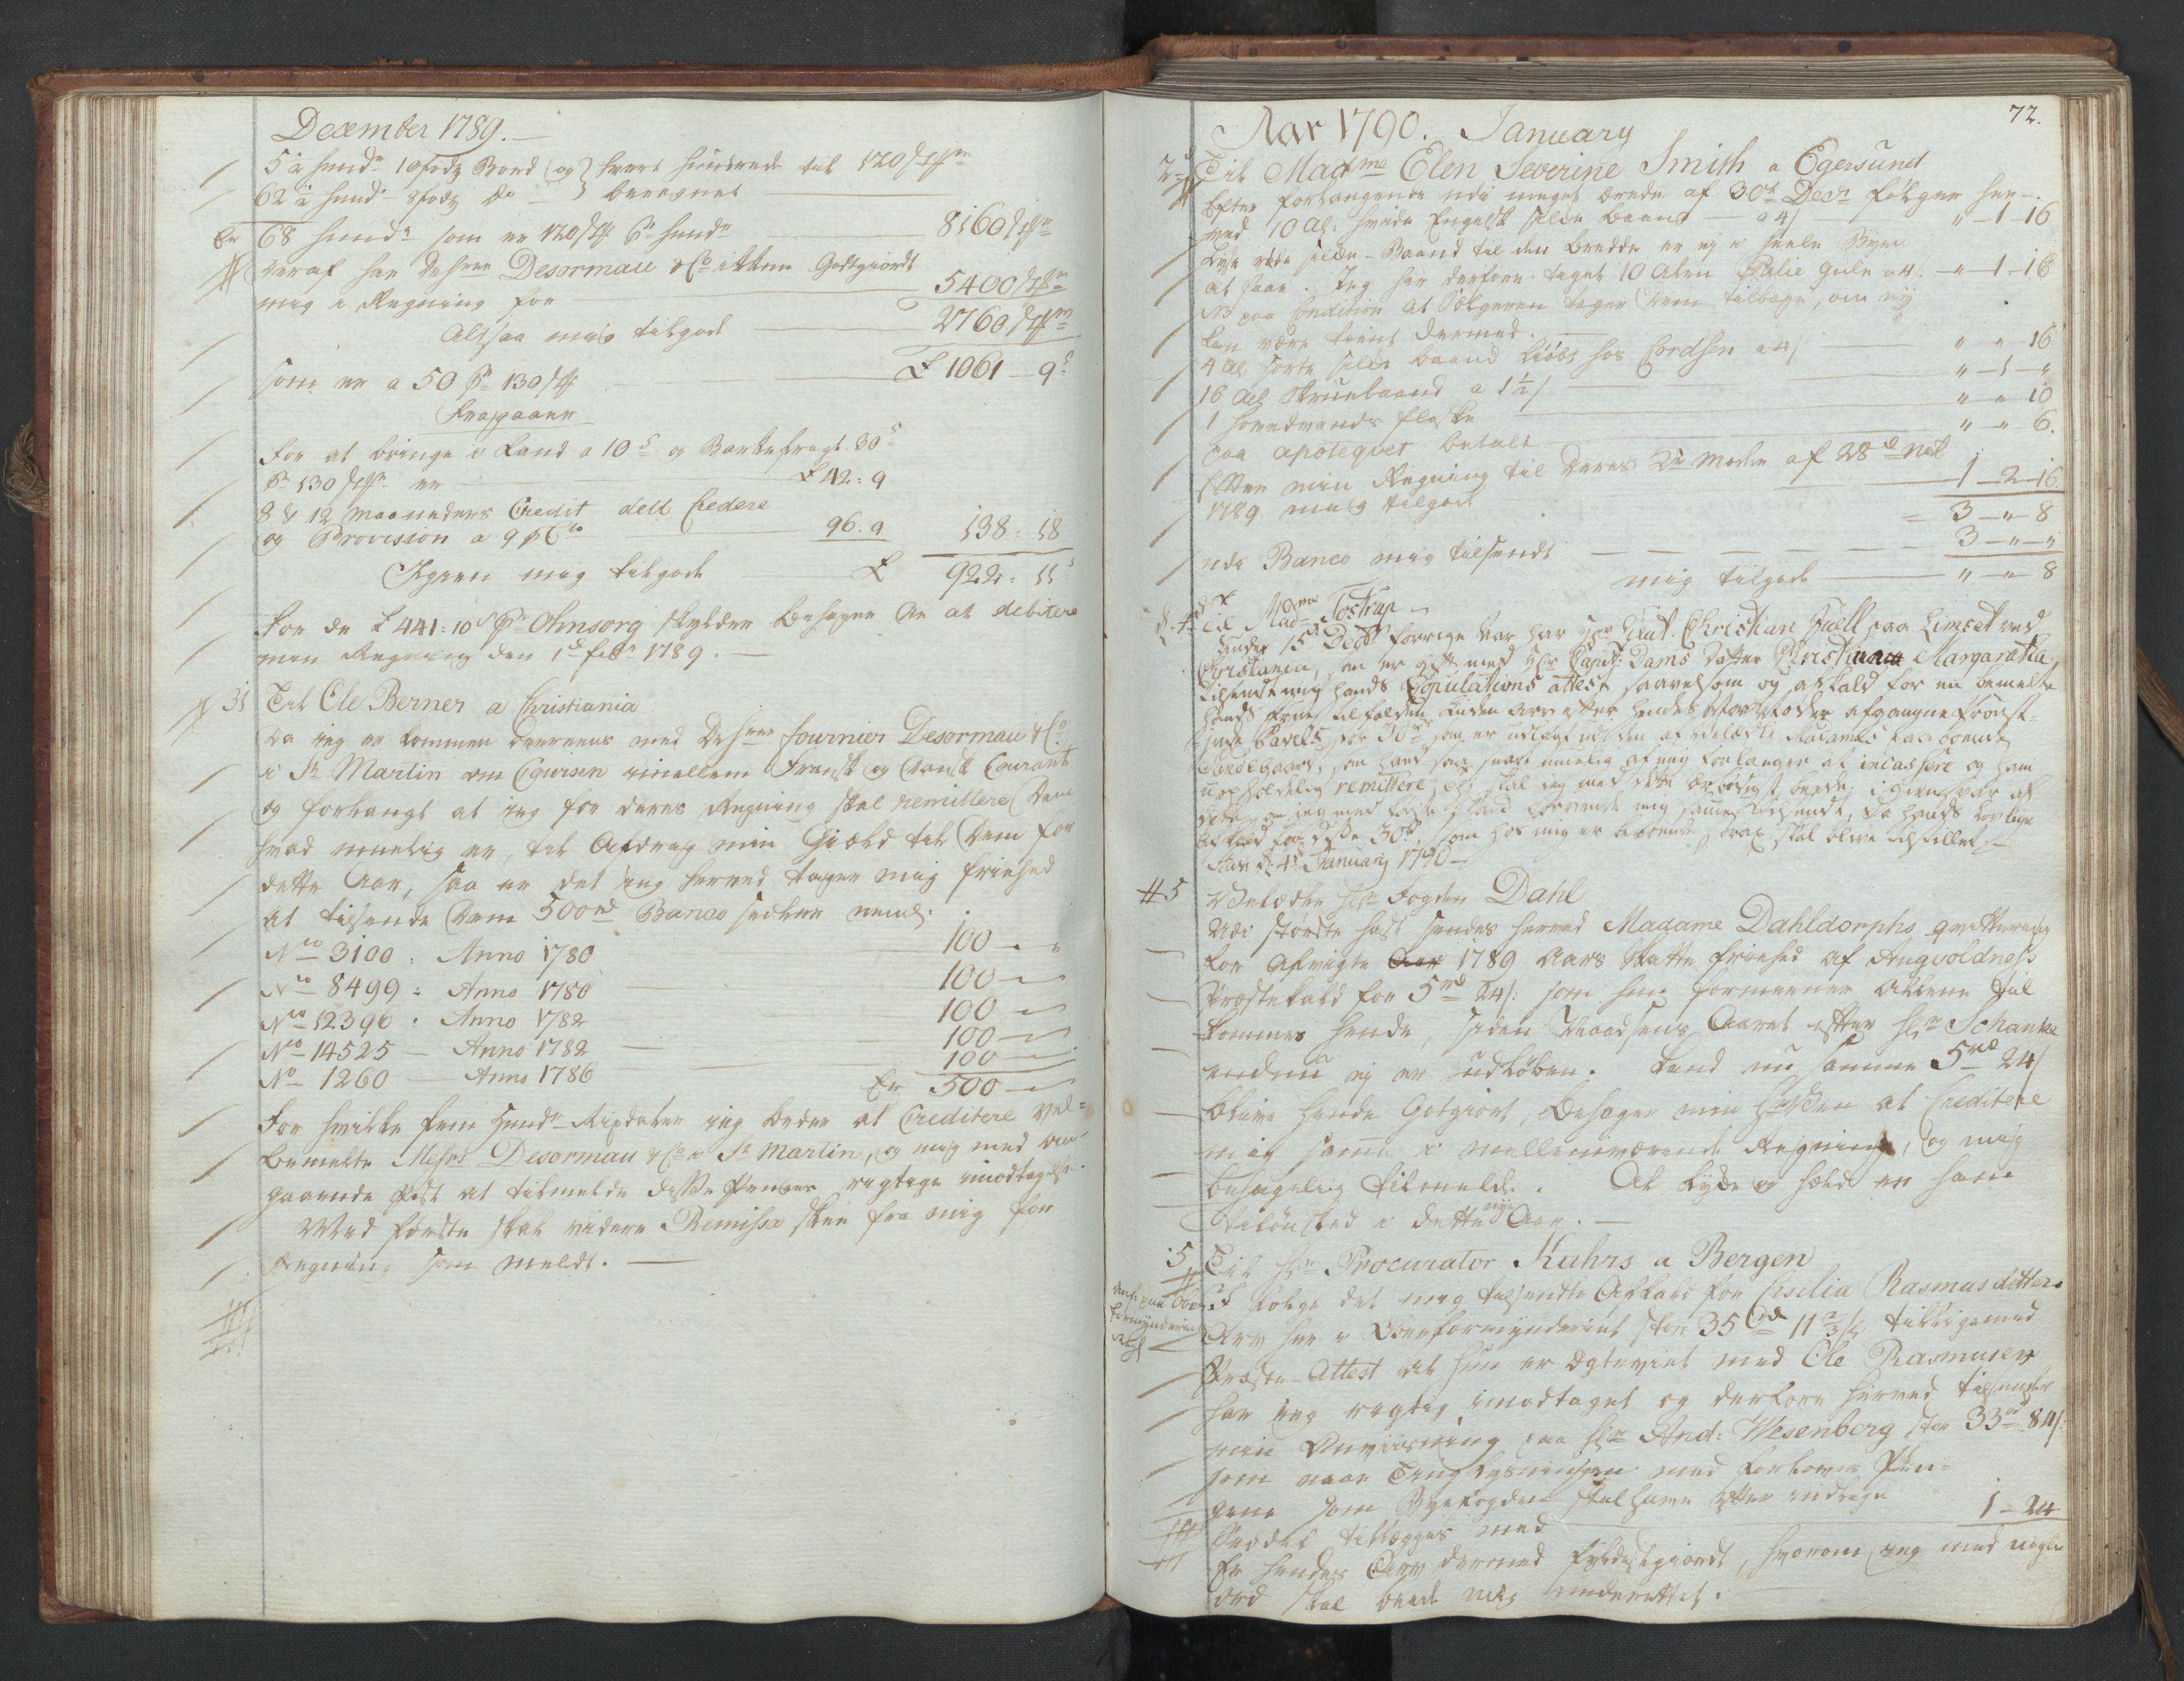 SAST, Pa 0003 - Ploug & Sundt, handelshuset, B/L0006: Kopibok, 1788-1793, s. 71b-72a